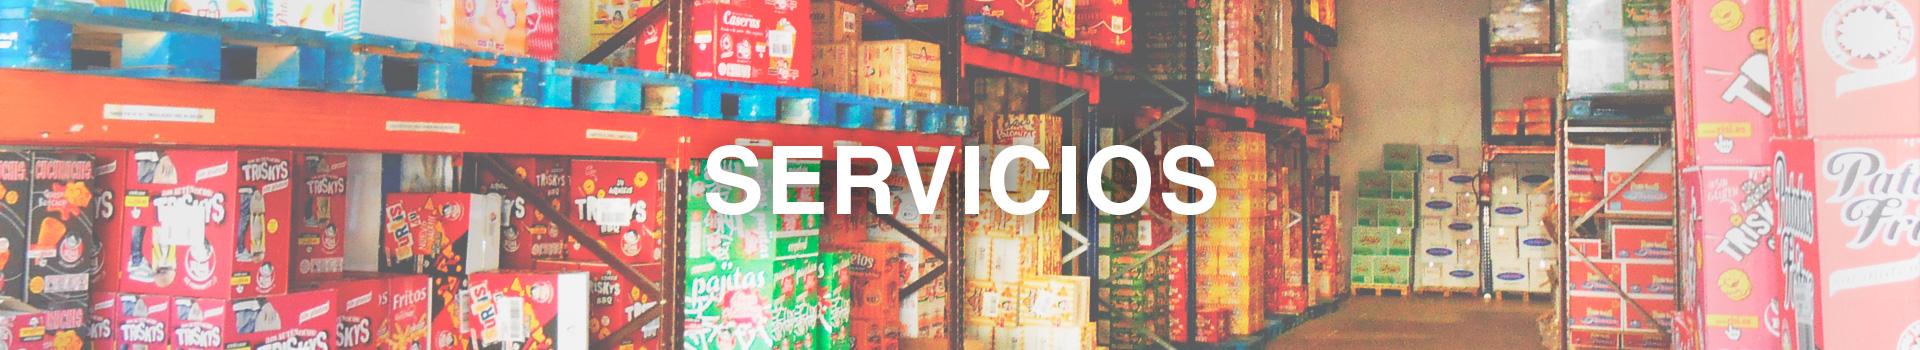 imagen servicios SCAMA